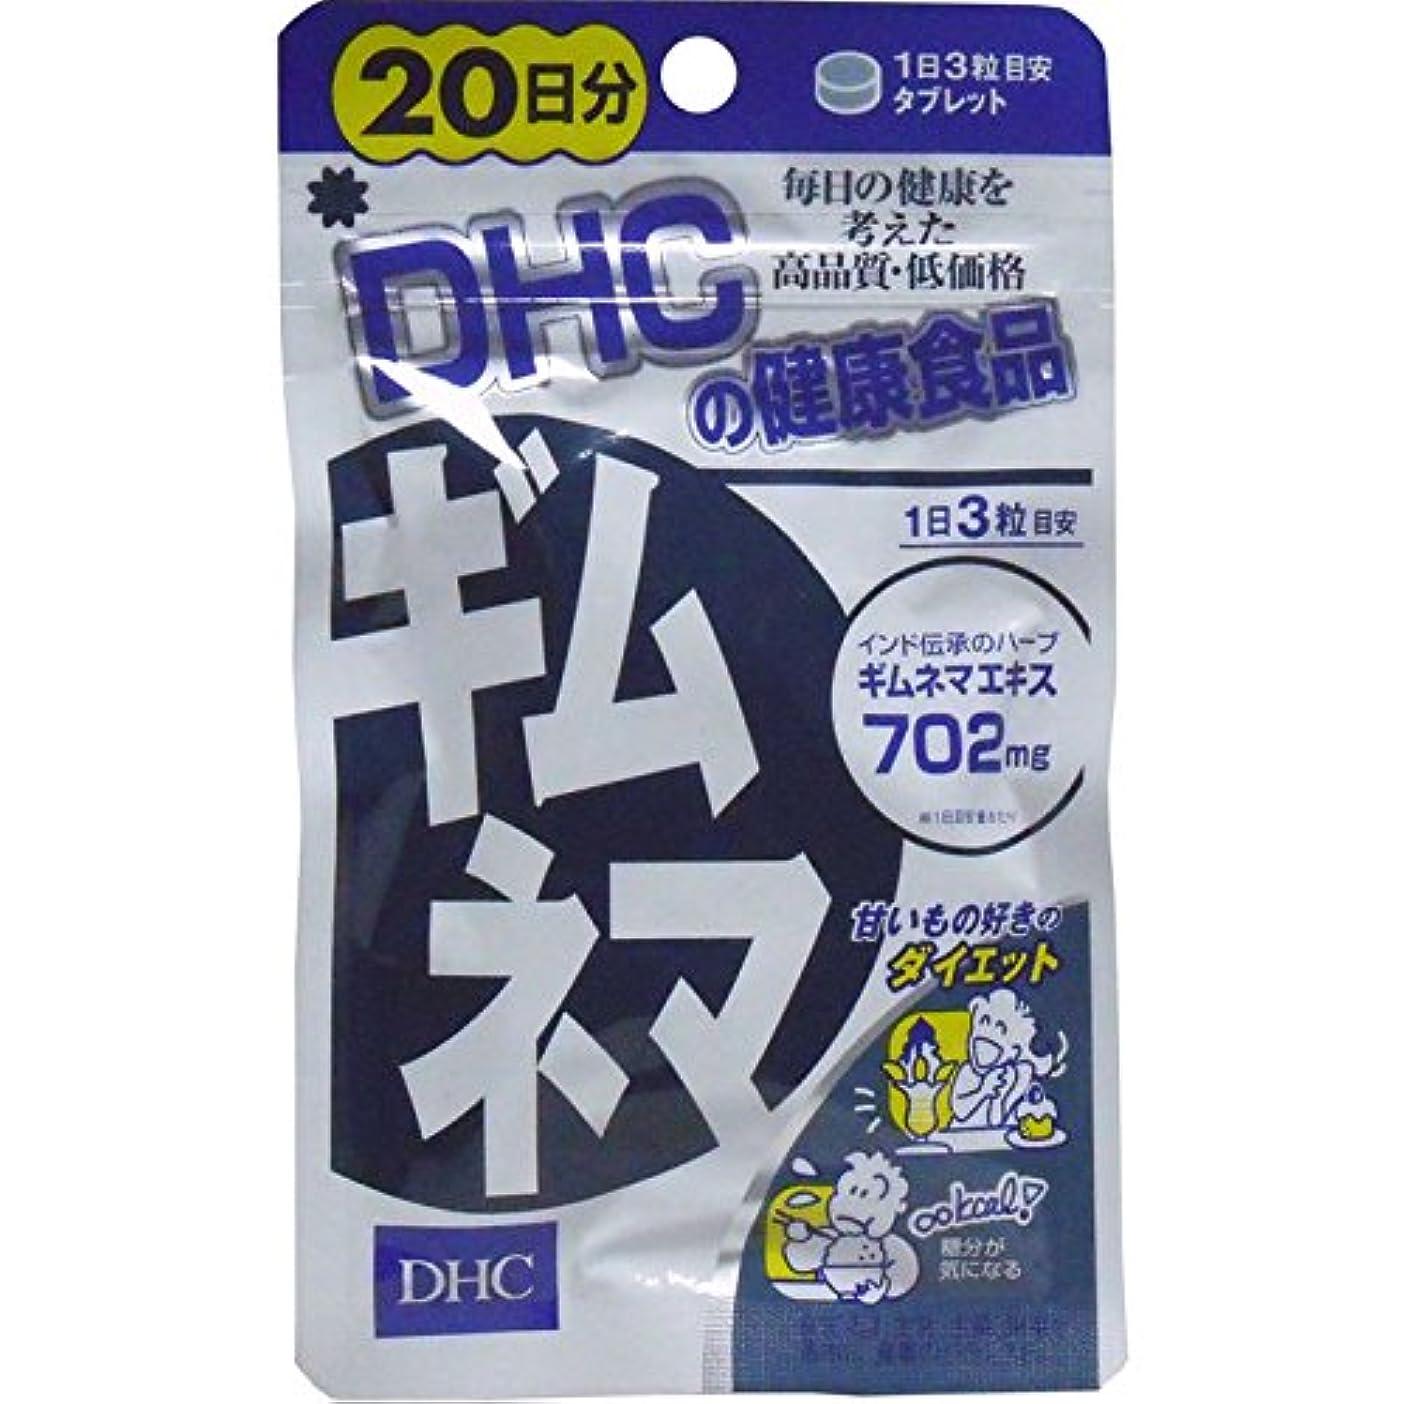 胃理由上昇大好きな「甘いもの」をムダ肉にしない DHC ギムネマ 20日分 60粒